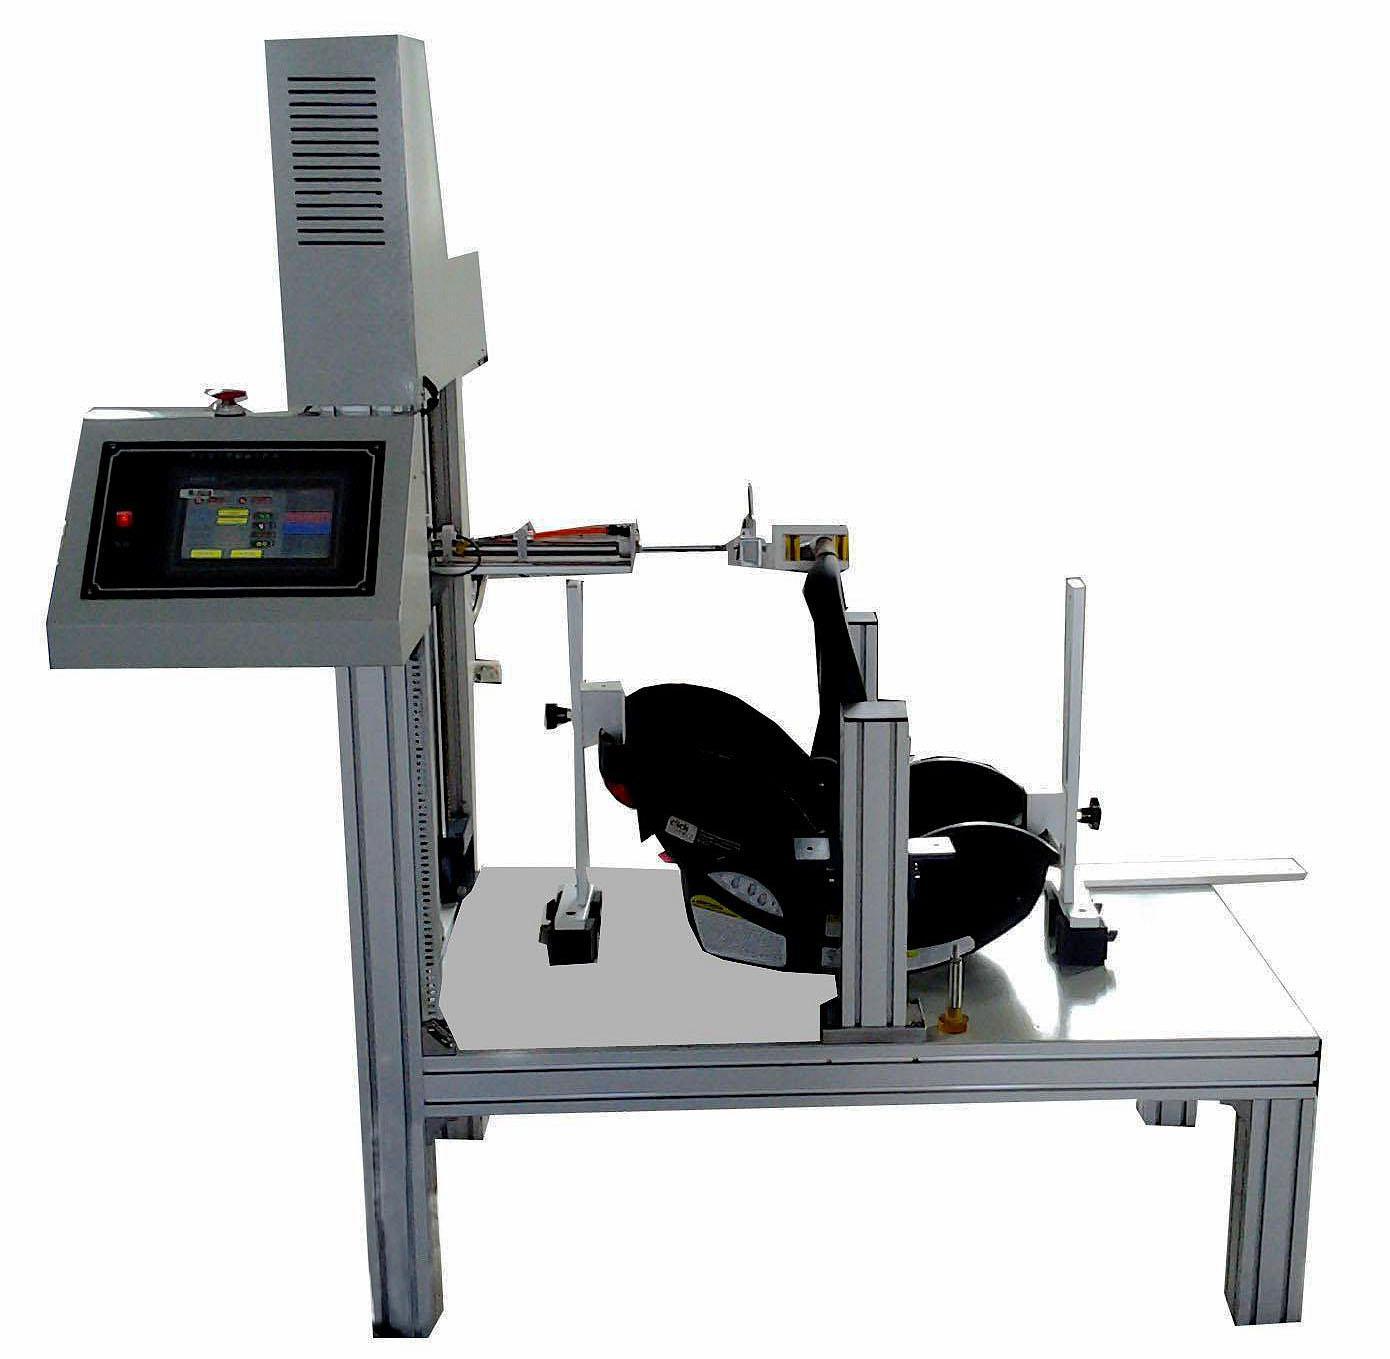 手提篮手把往复振荡测试仪,循环振荡力试验机ASTM F2050 认准通铭 1